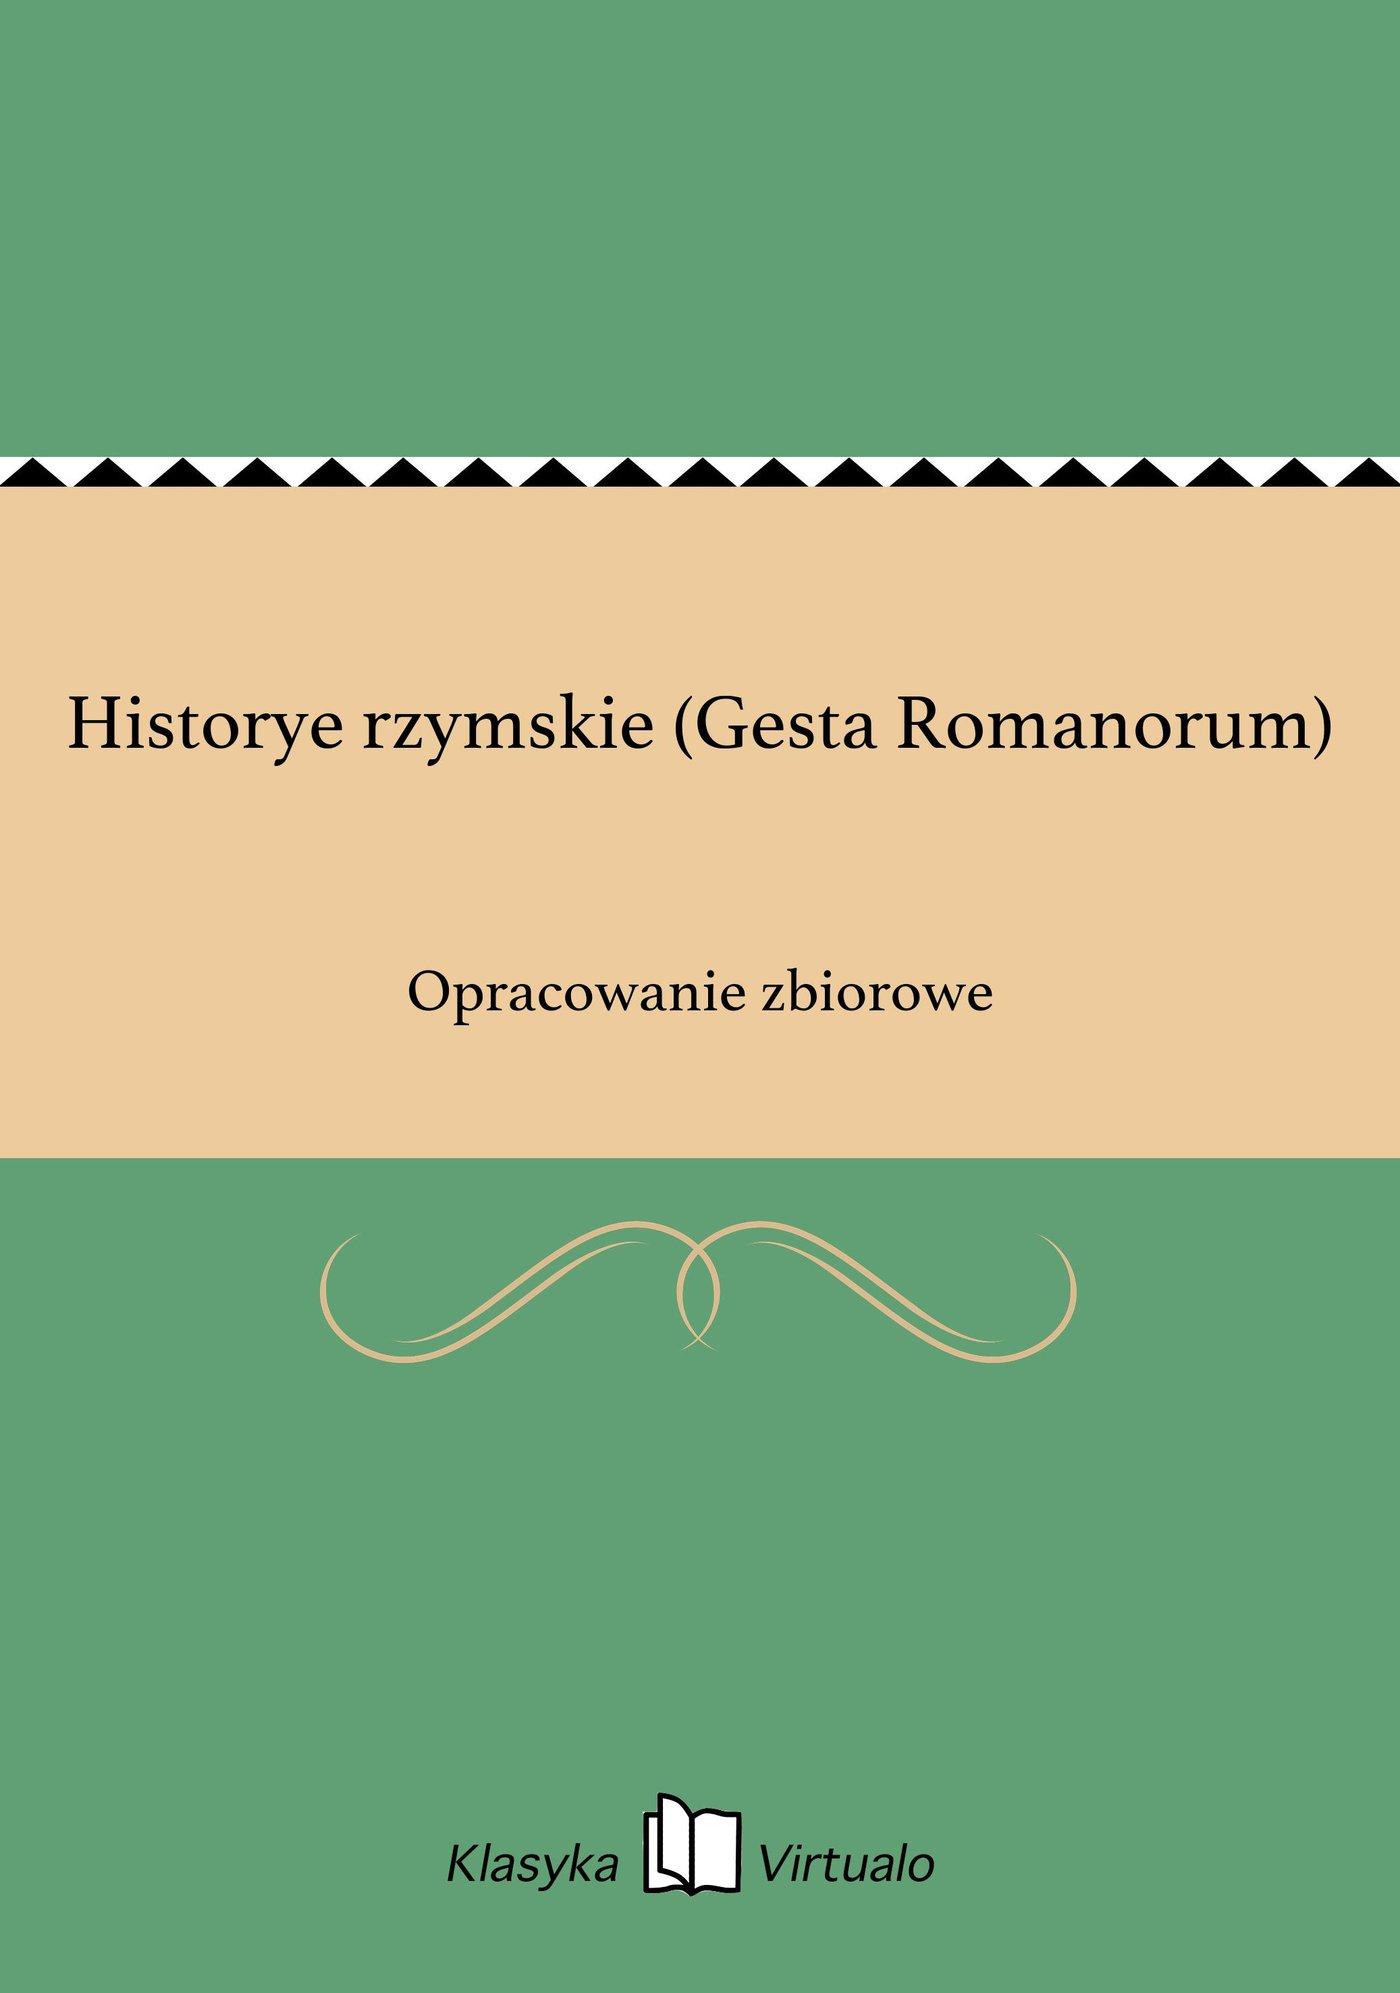 Historye rzymskie (Gesta Romanorum) - Ebook (Książka EPUB) do pobrania w formacie EPUB